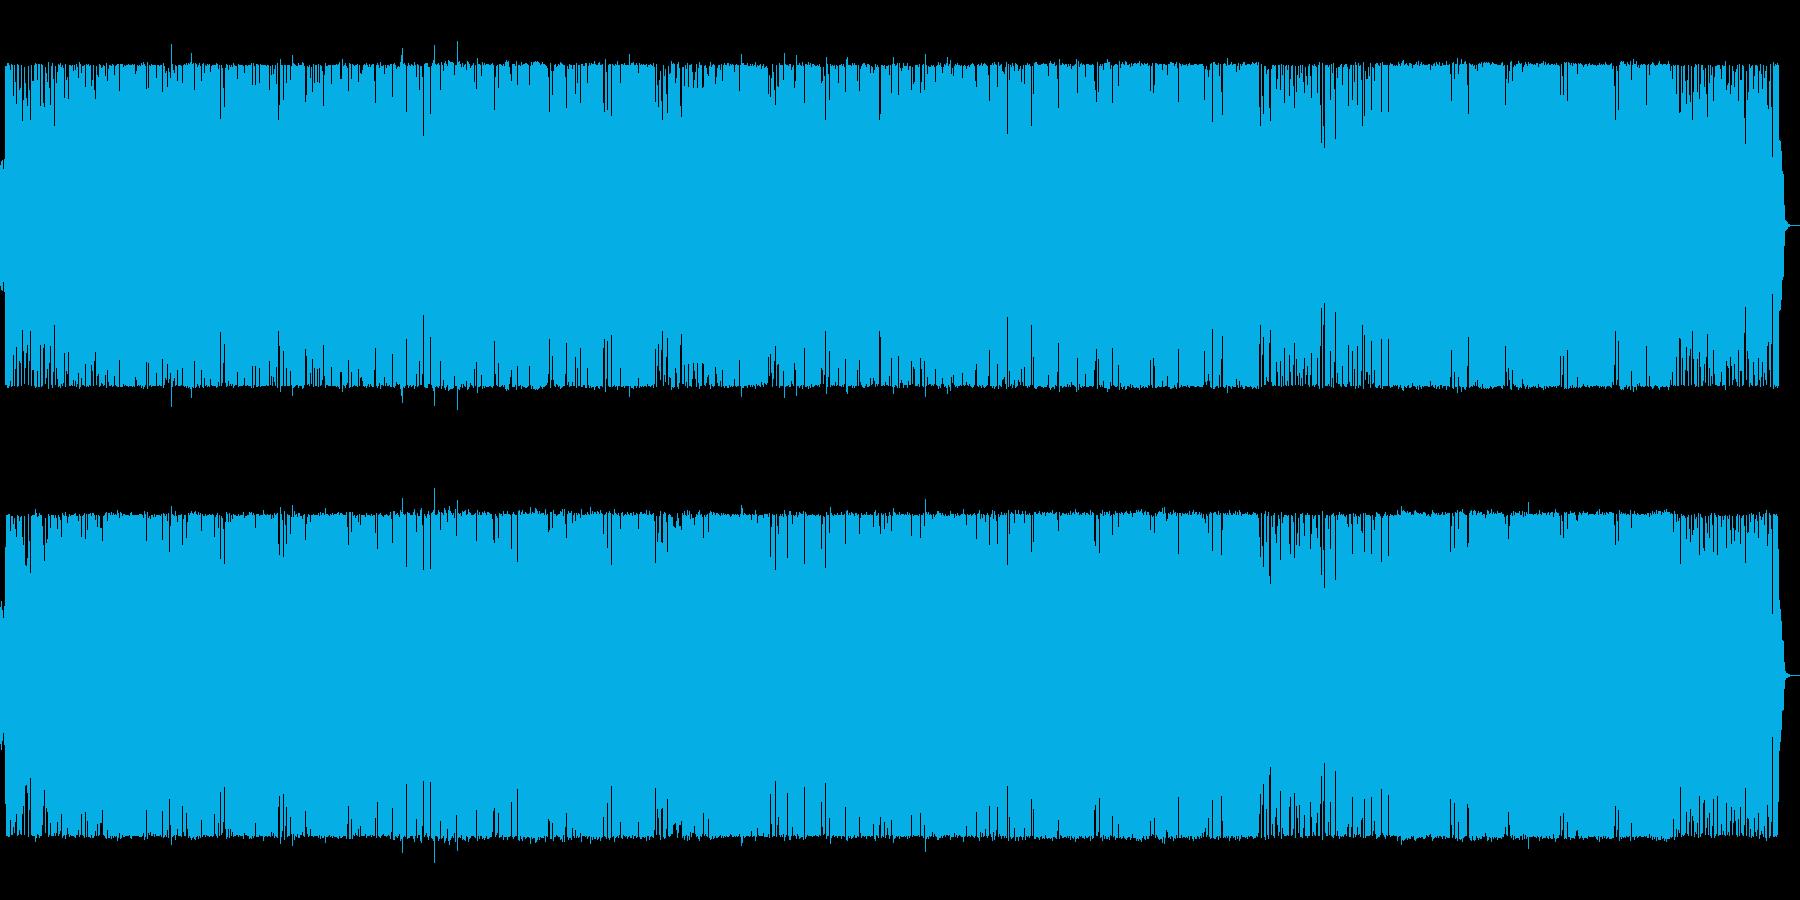 Hopeful J-POP's reproduced waveform